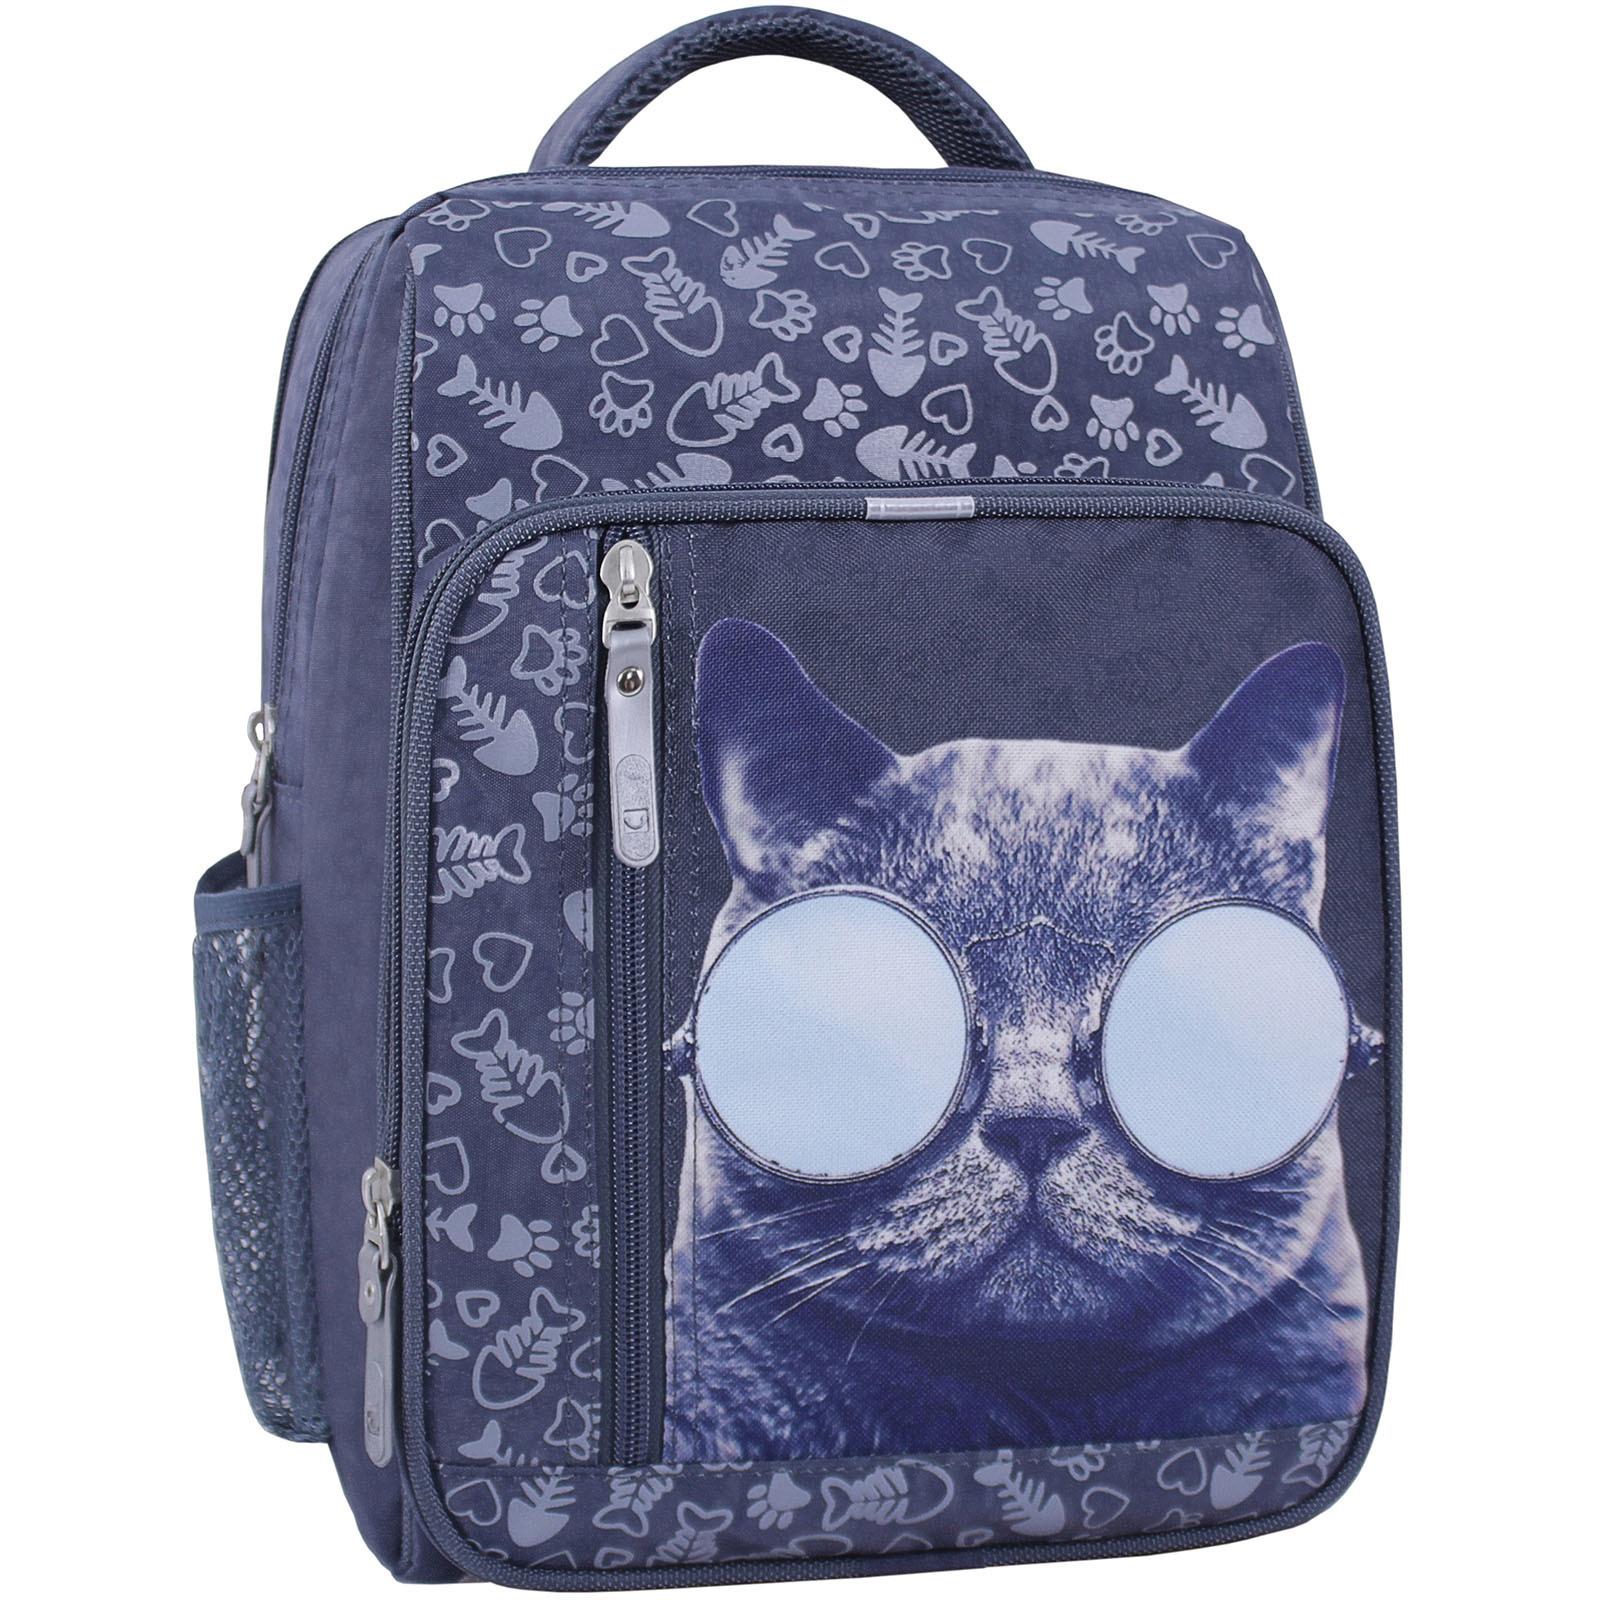 Детские рюкзаки Рюкзак школьный Bagland Школьник 8 л. 321 серый 611 (0012870) IMG_0957_суб.611_.JPG